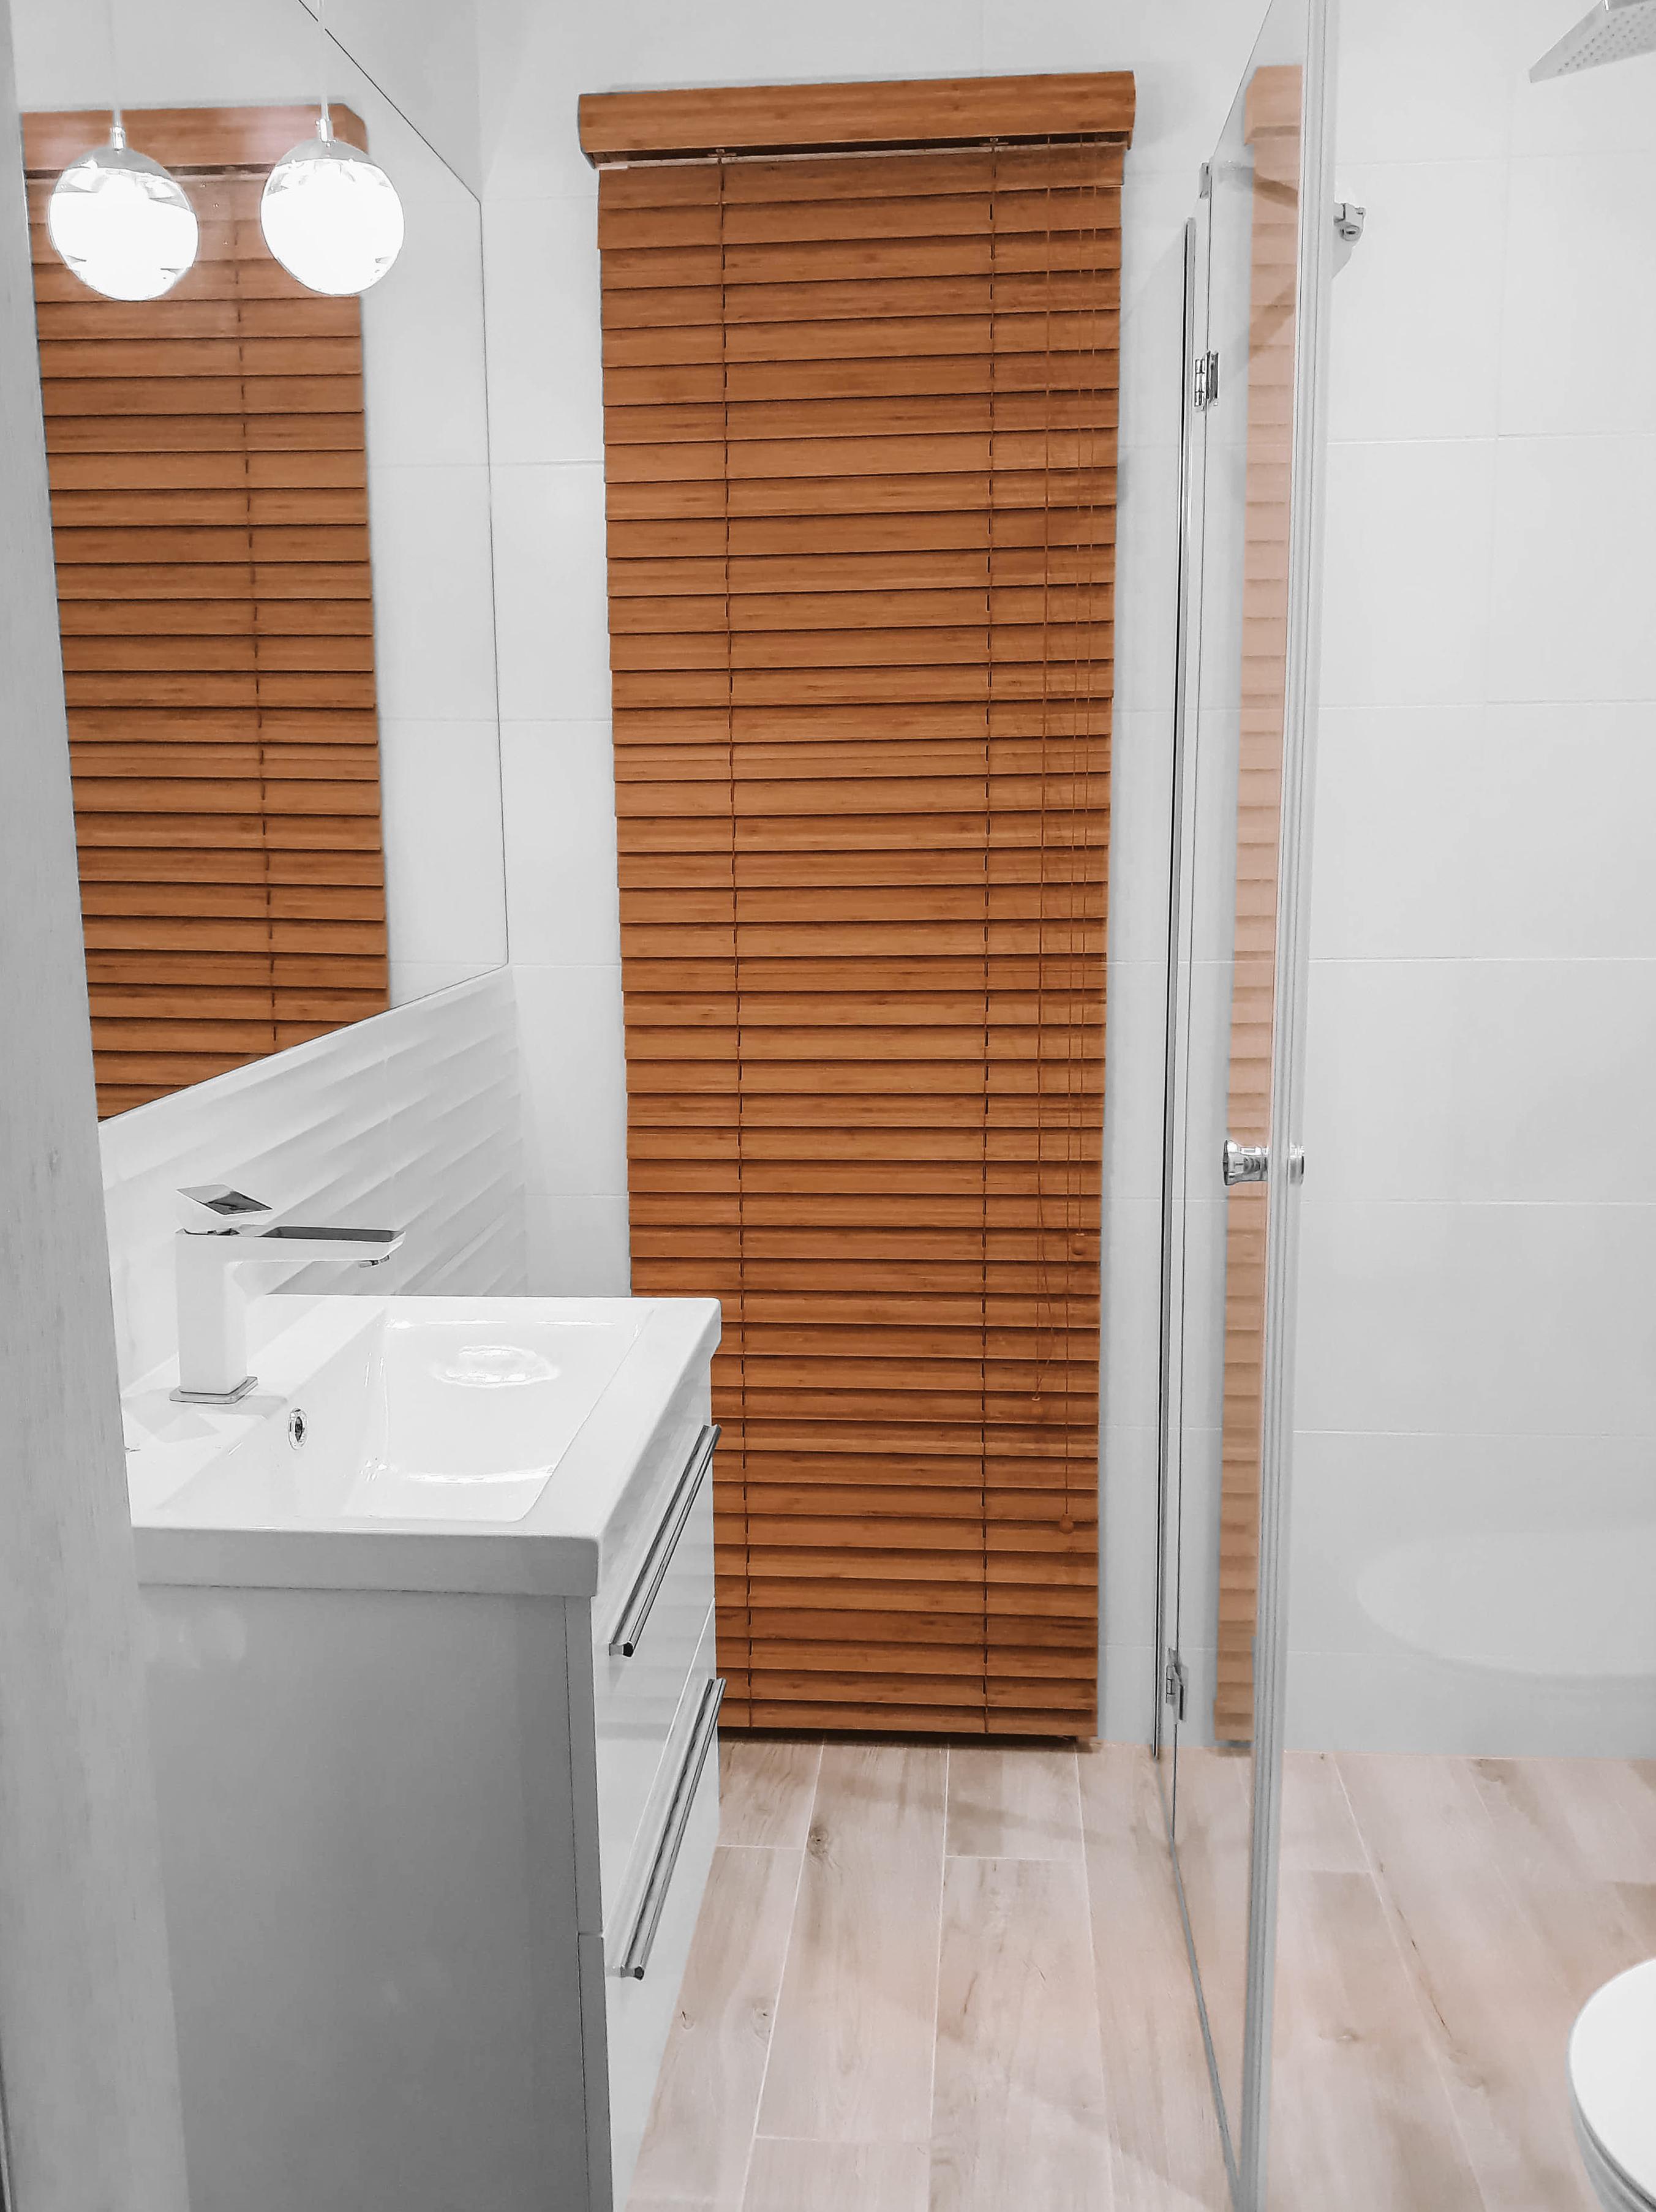 zaluzja bambusowa łazienka